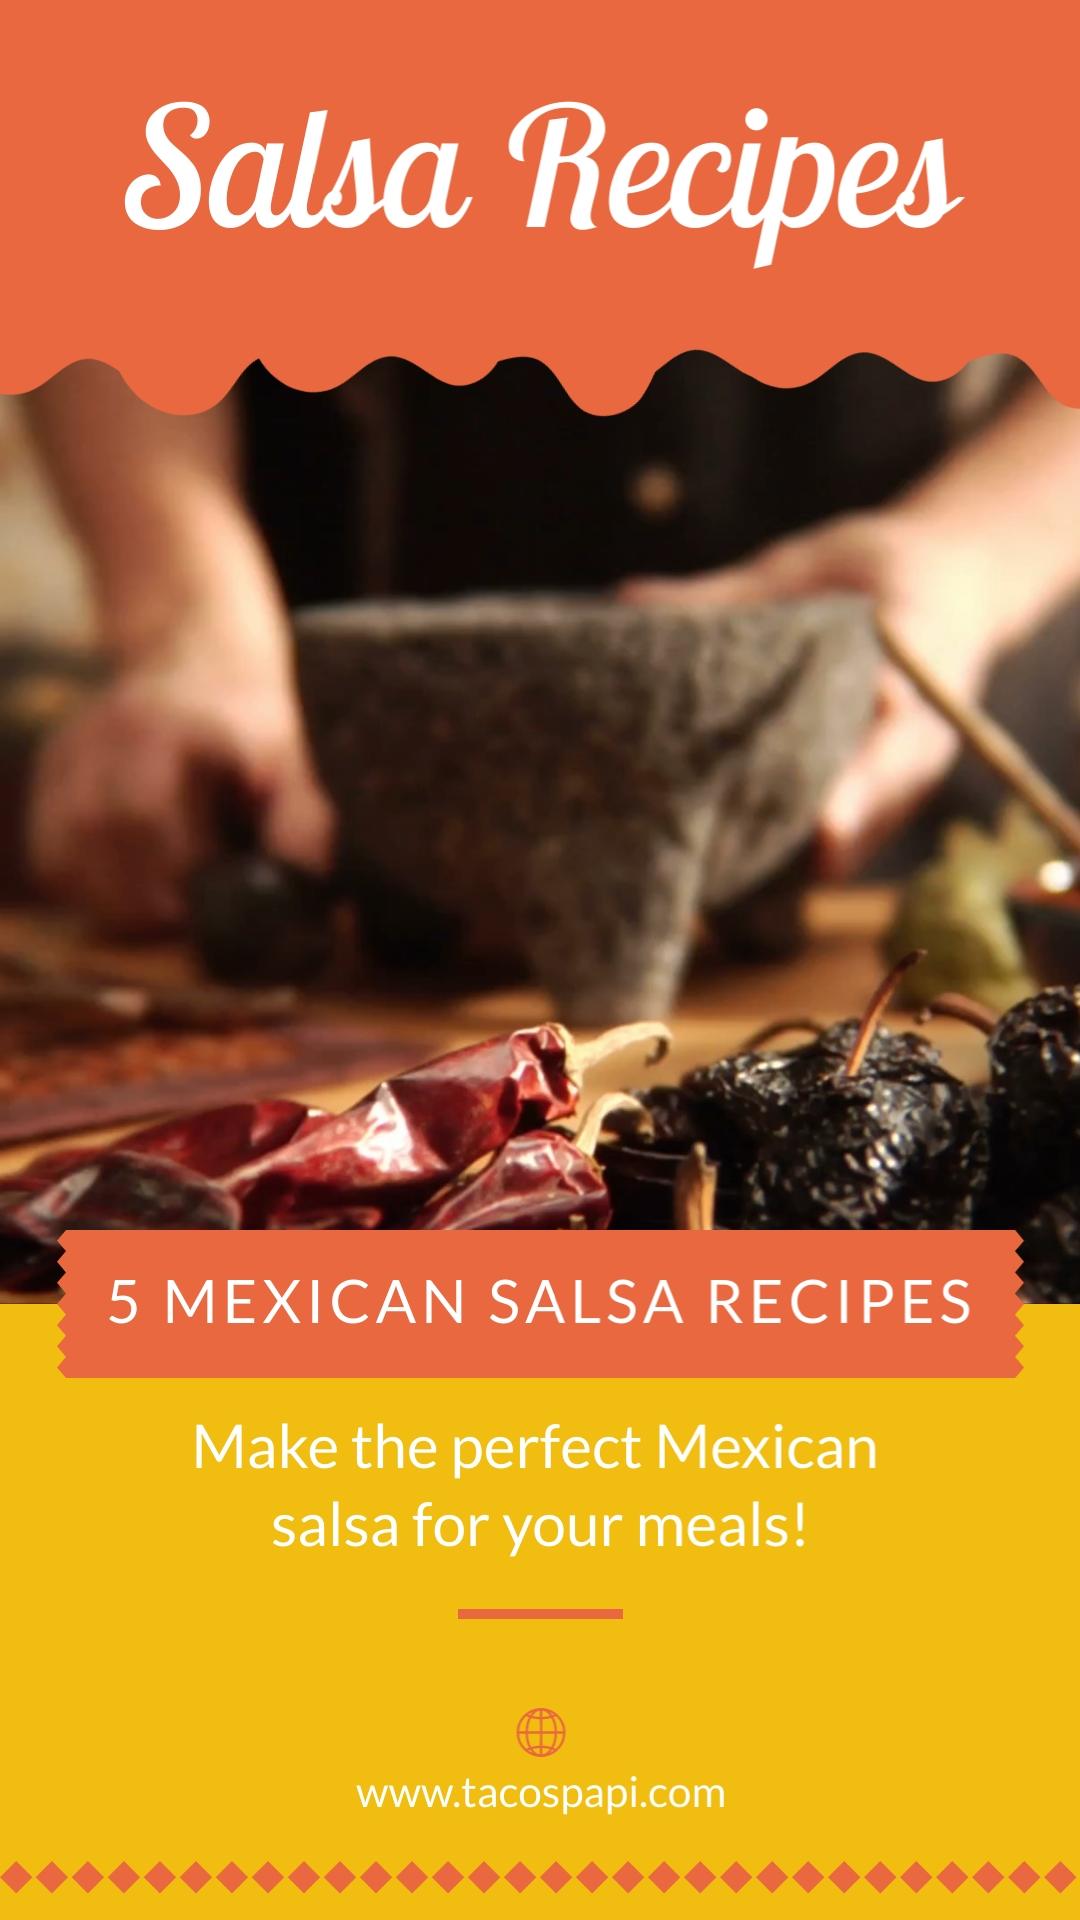 Salsa Recipes Pinterest Video Pin Template